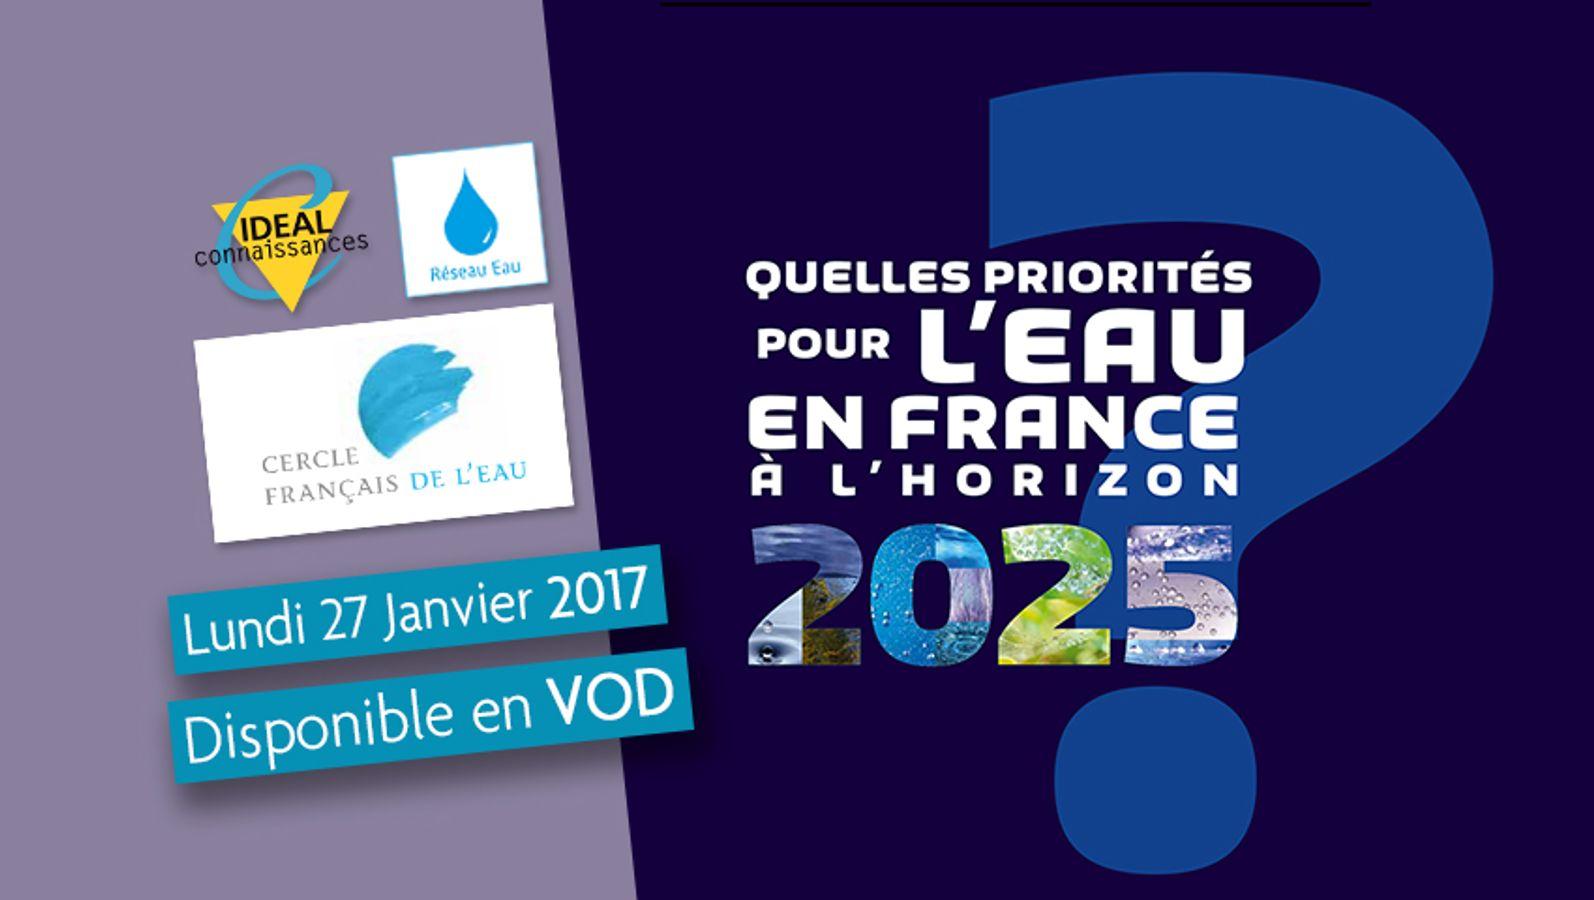 Quelles priorités pour l'eau en France à l'horizon 2025 ?